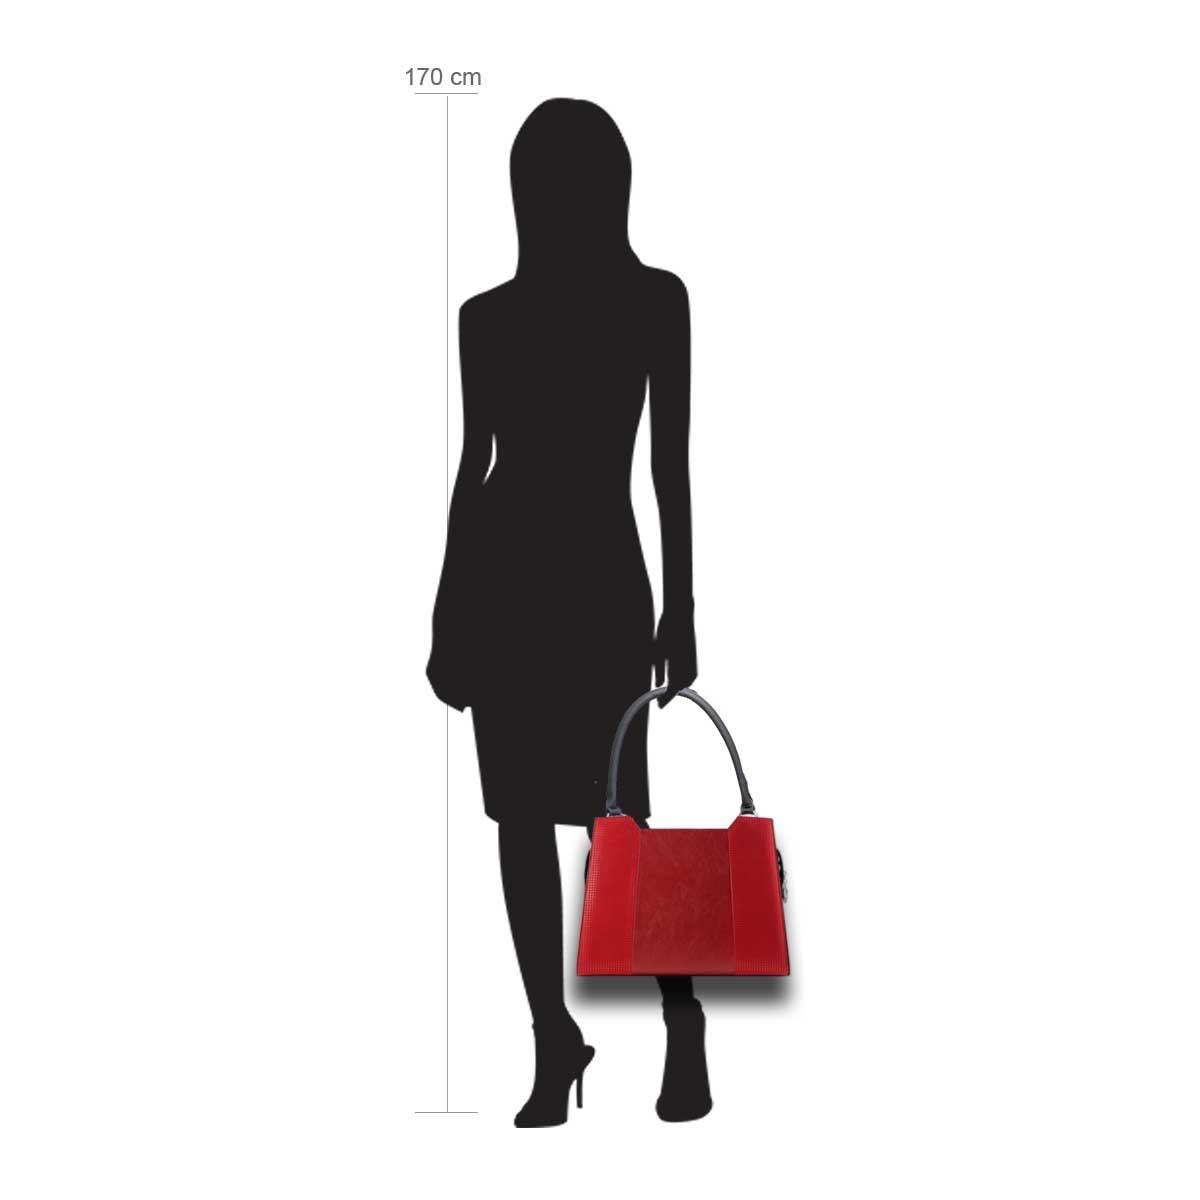 Puppe 170 cm groß zeigt die Taschengröße an . Modell: Korsika rot